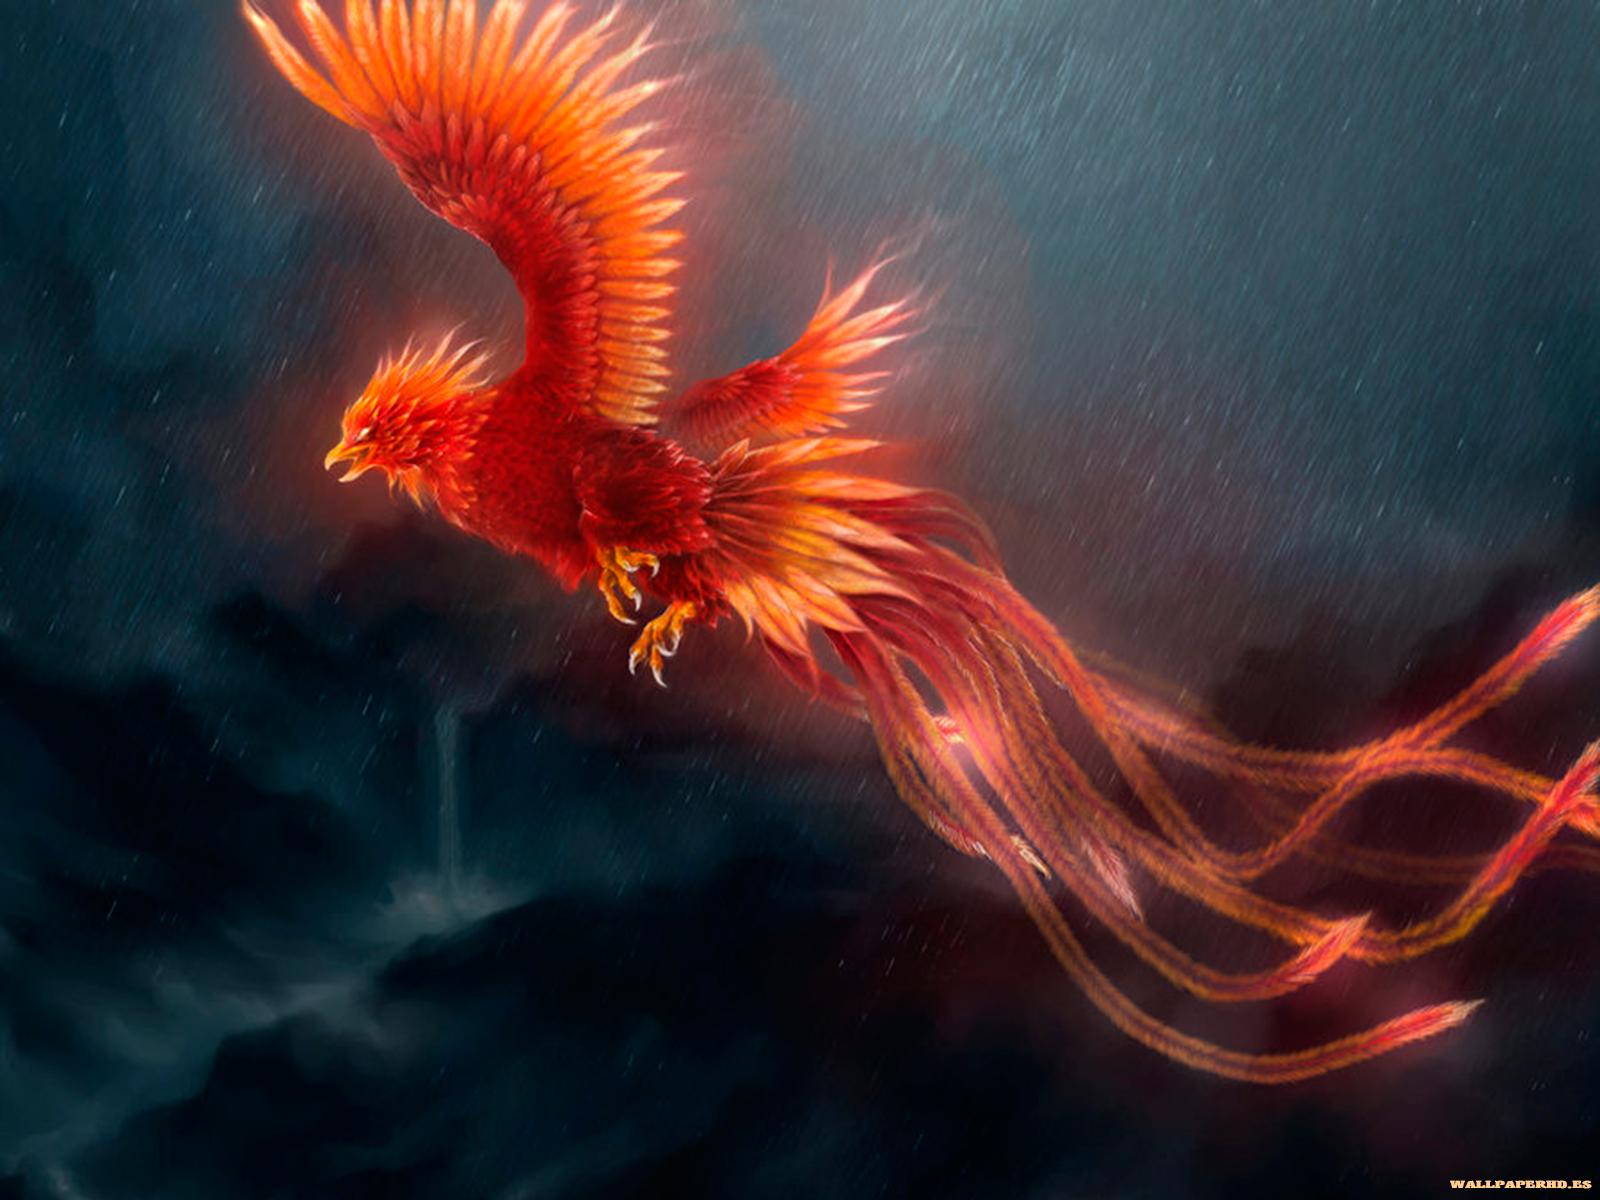 wallpaper del ave fenix